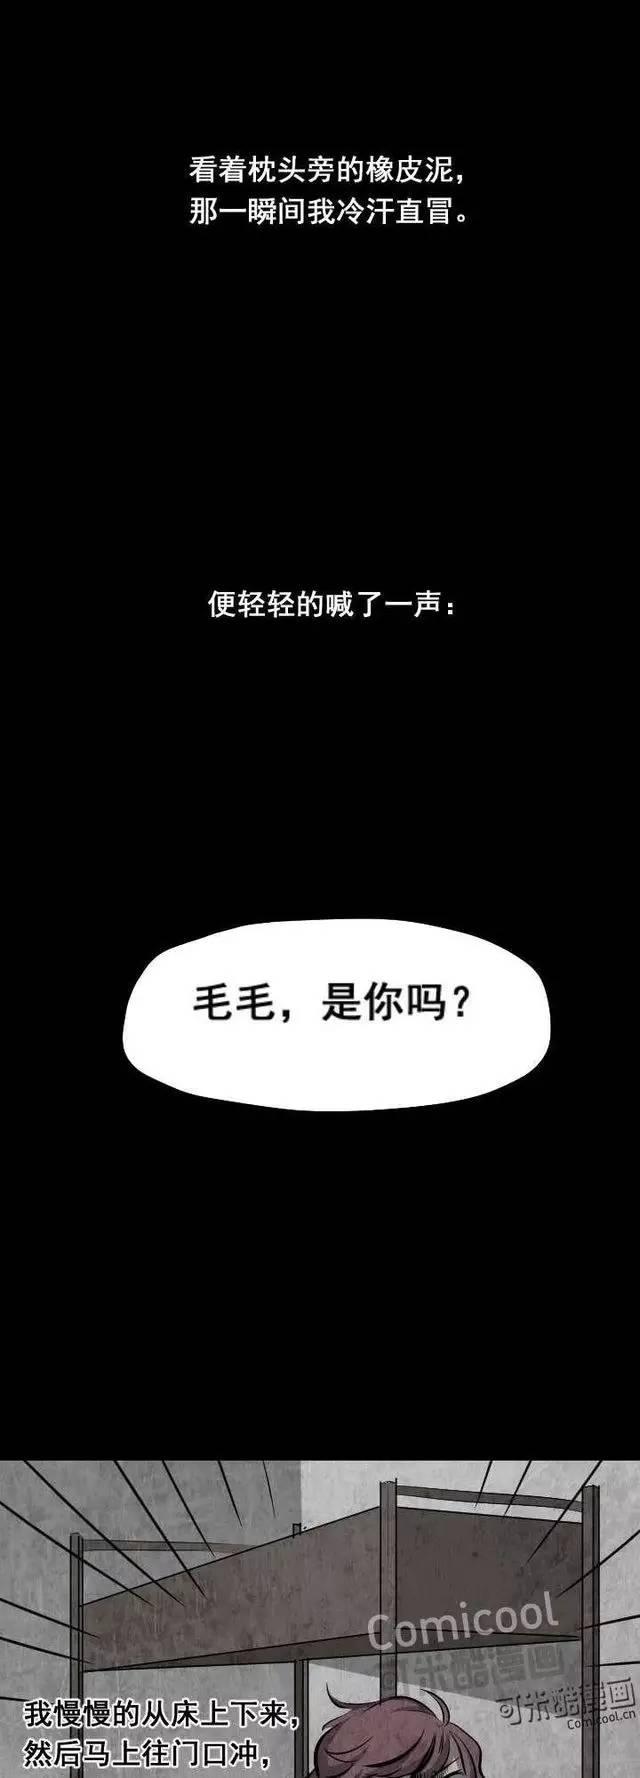 恐怖影子《漫画鬼》作文素材漫画图片